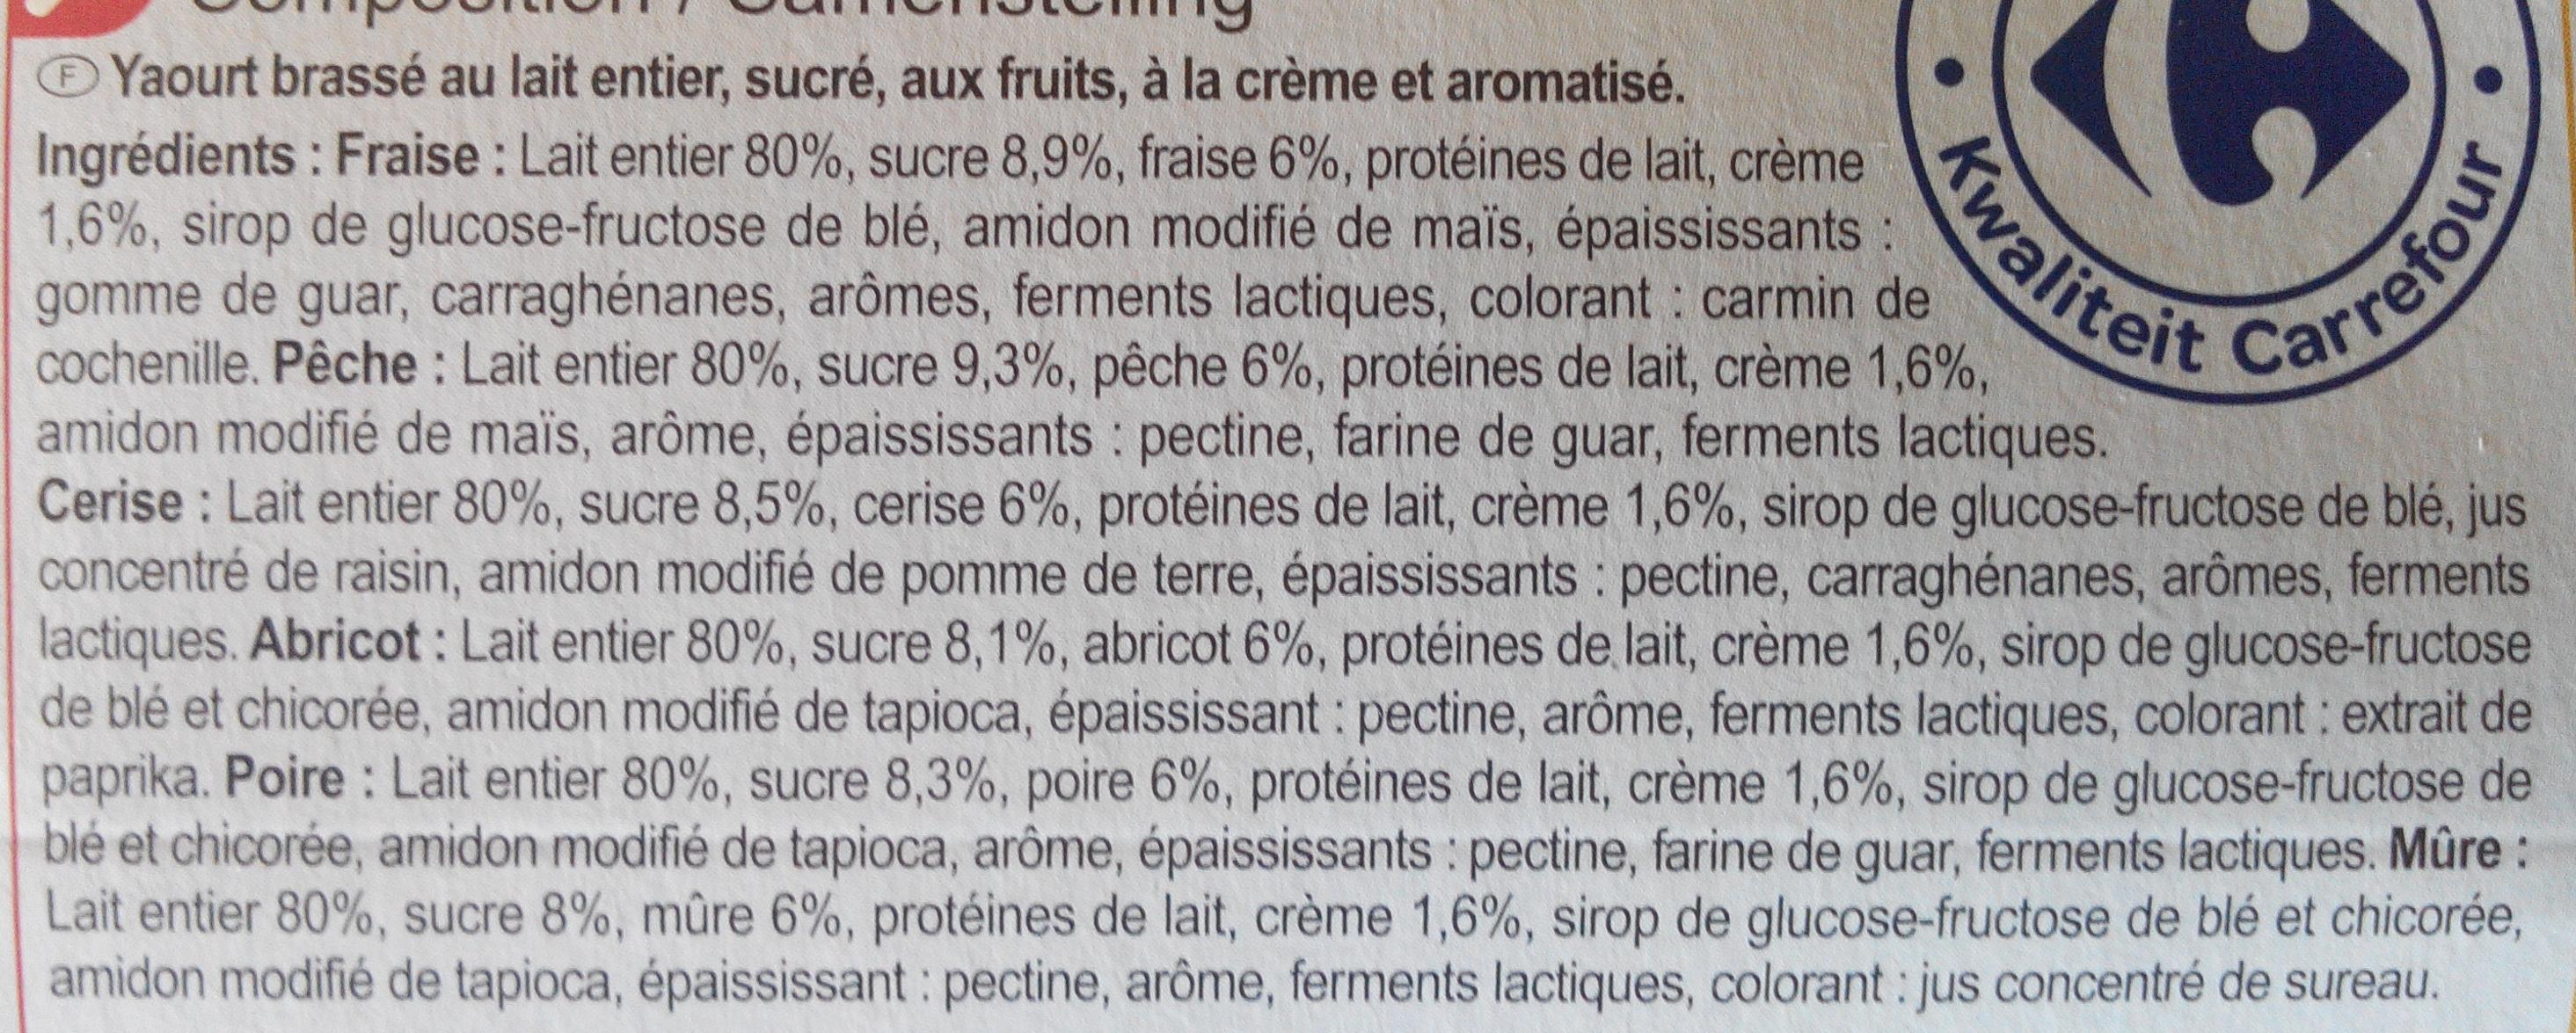 Yaourt & fruits (Fraise, pêche, abricot, cerise, mûre, poire) 16 Pots - Ingrediënten